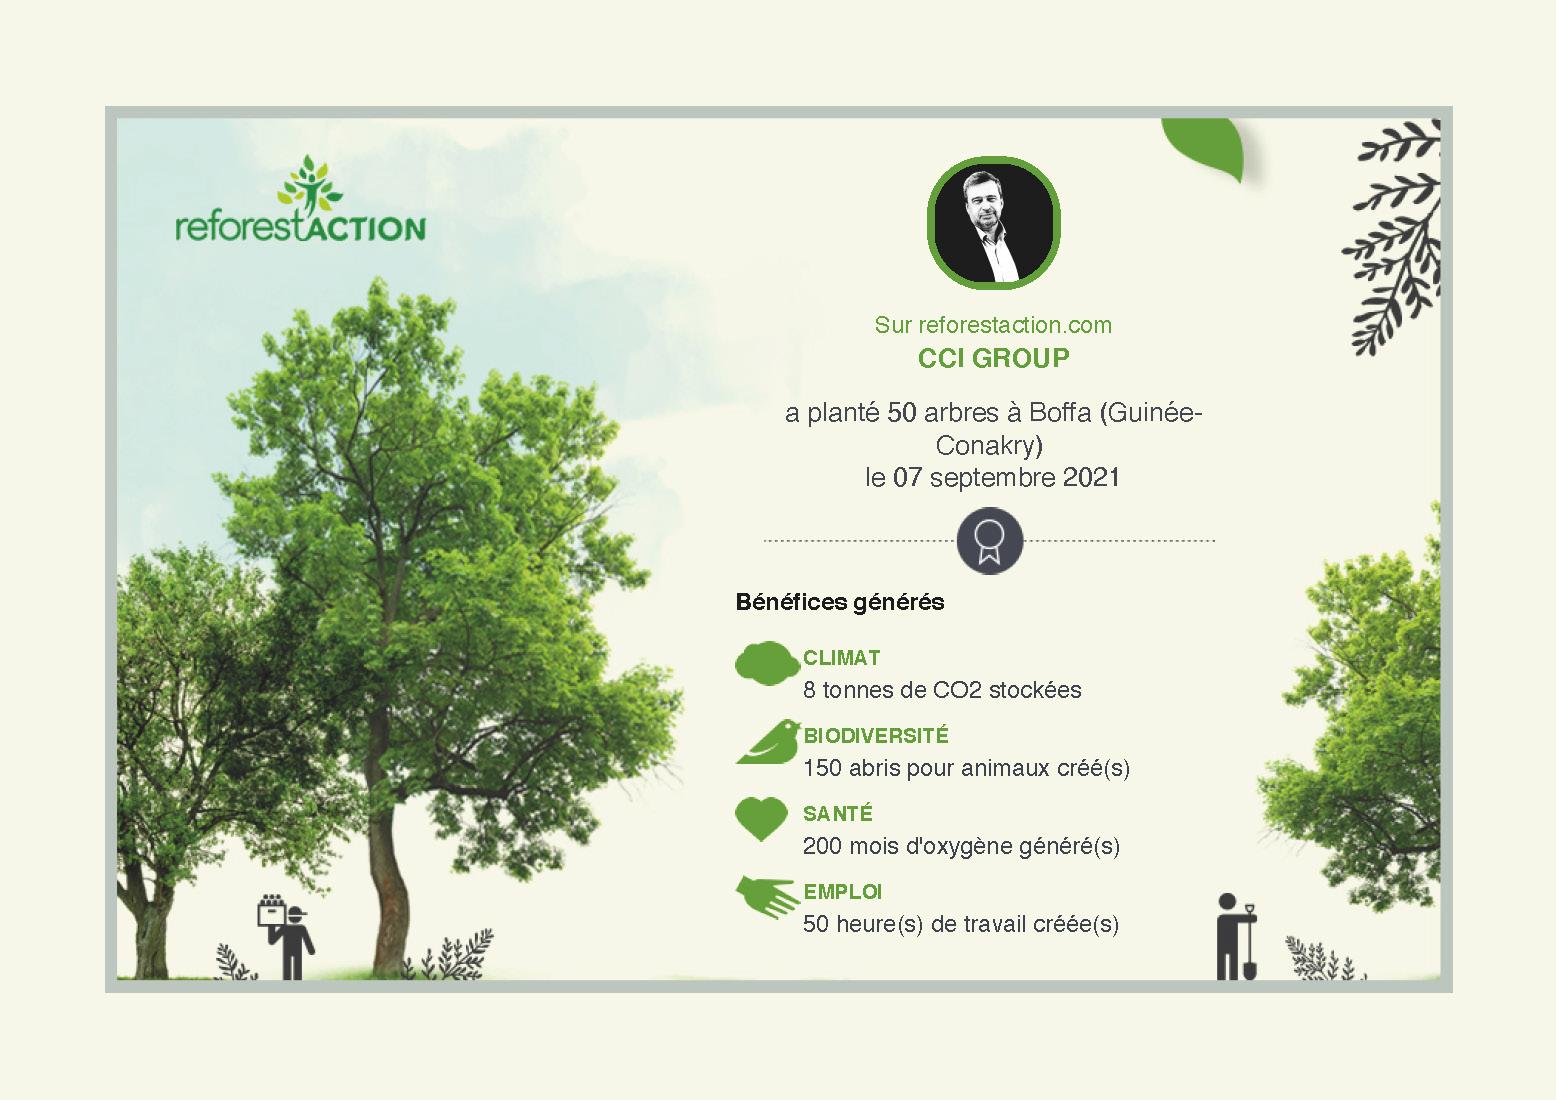 cci-group-plv-paries-alaska-acp-eco-conception-reforest-action-certificat-boffa